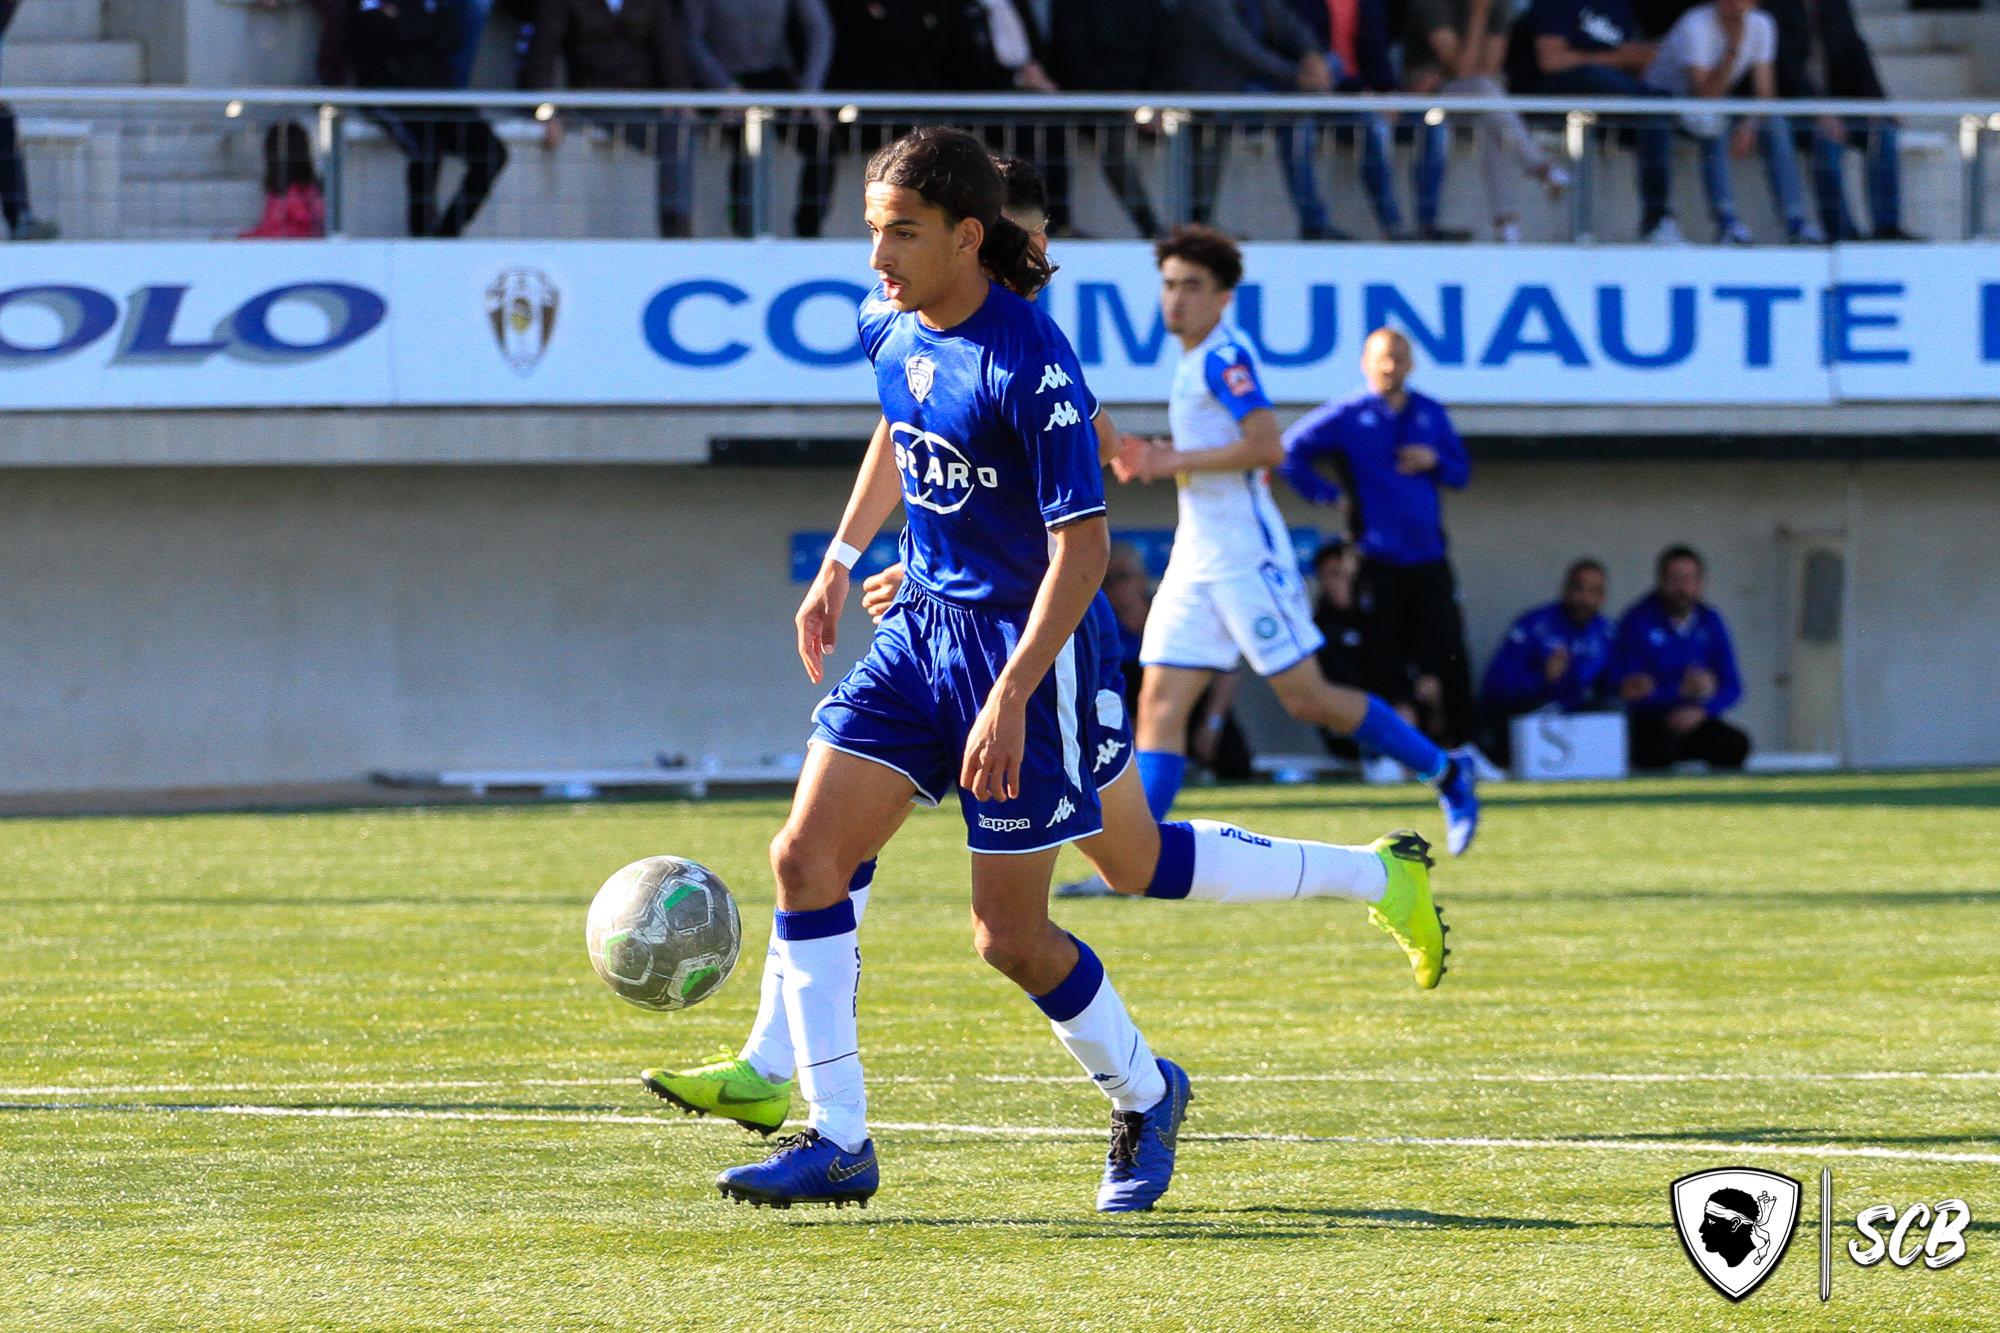 U19 : SCB 5-0 CCFC (24/03/2019)